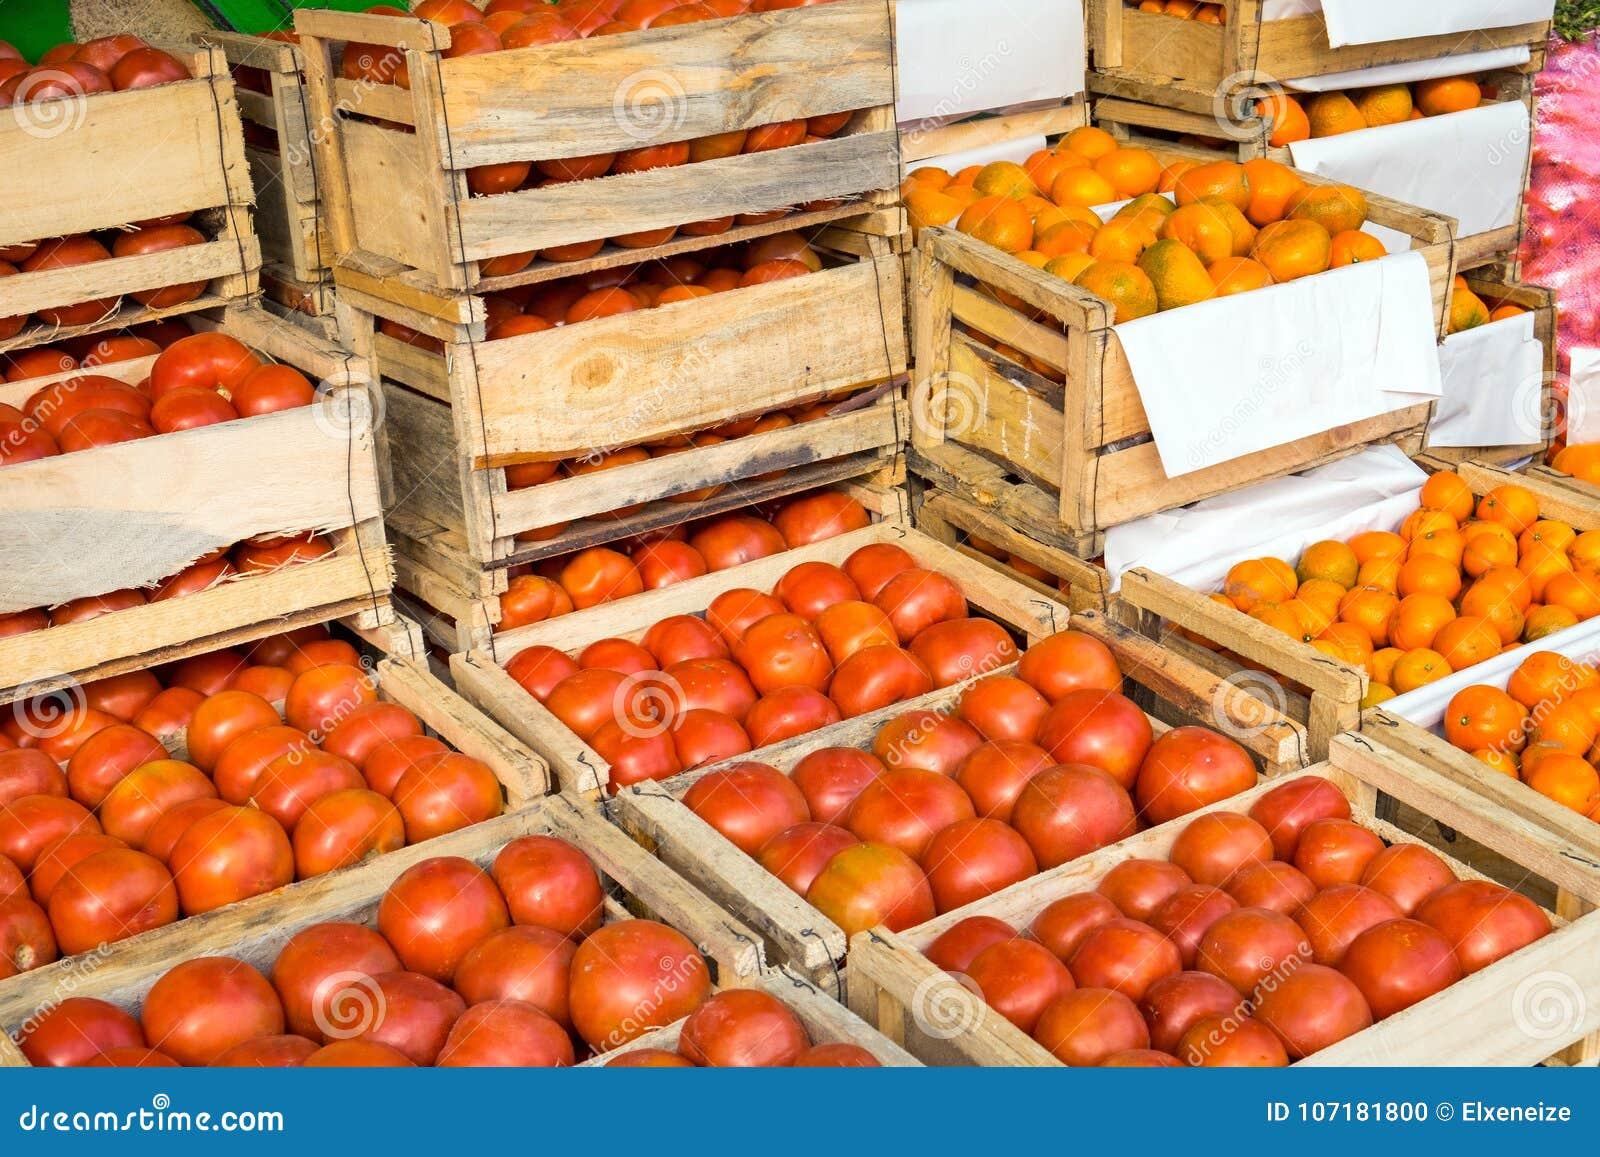 Tomates Y Mandarinas En Las Cajas De Madera Para La Venta En Un Mercado Foto De Archivo Imagen De Mandarina Greengrocer 107181800